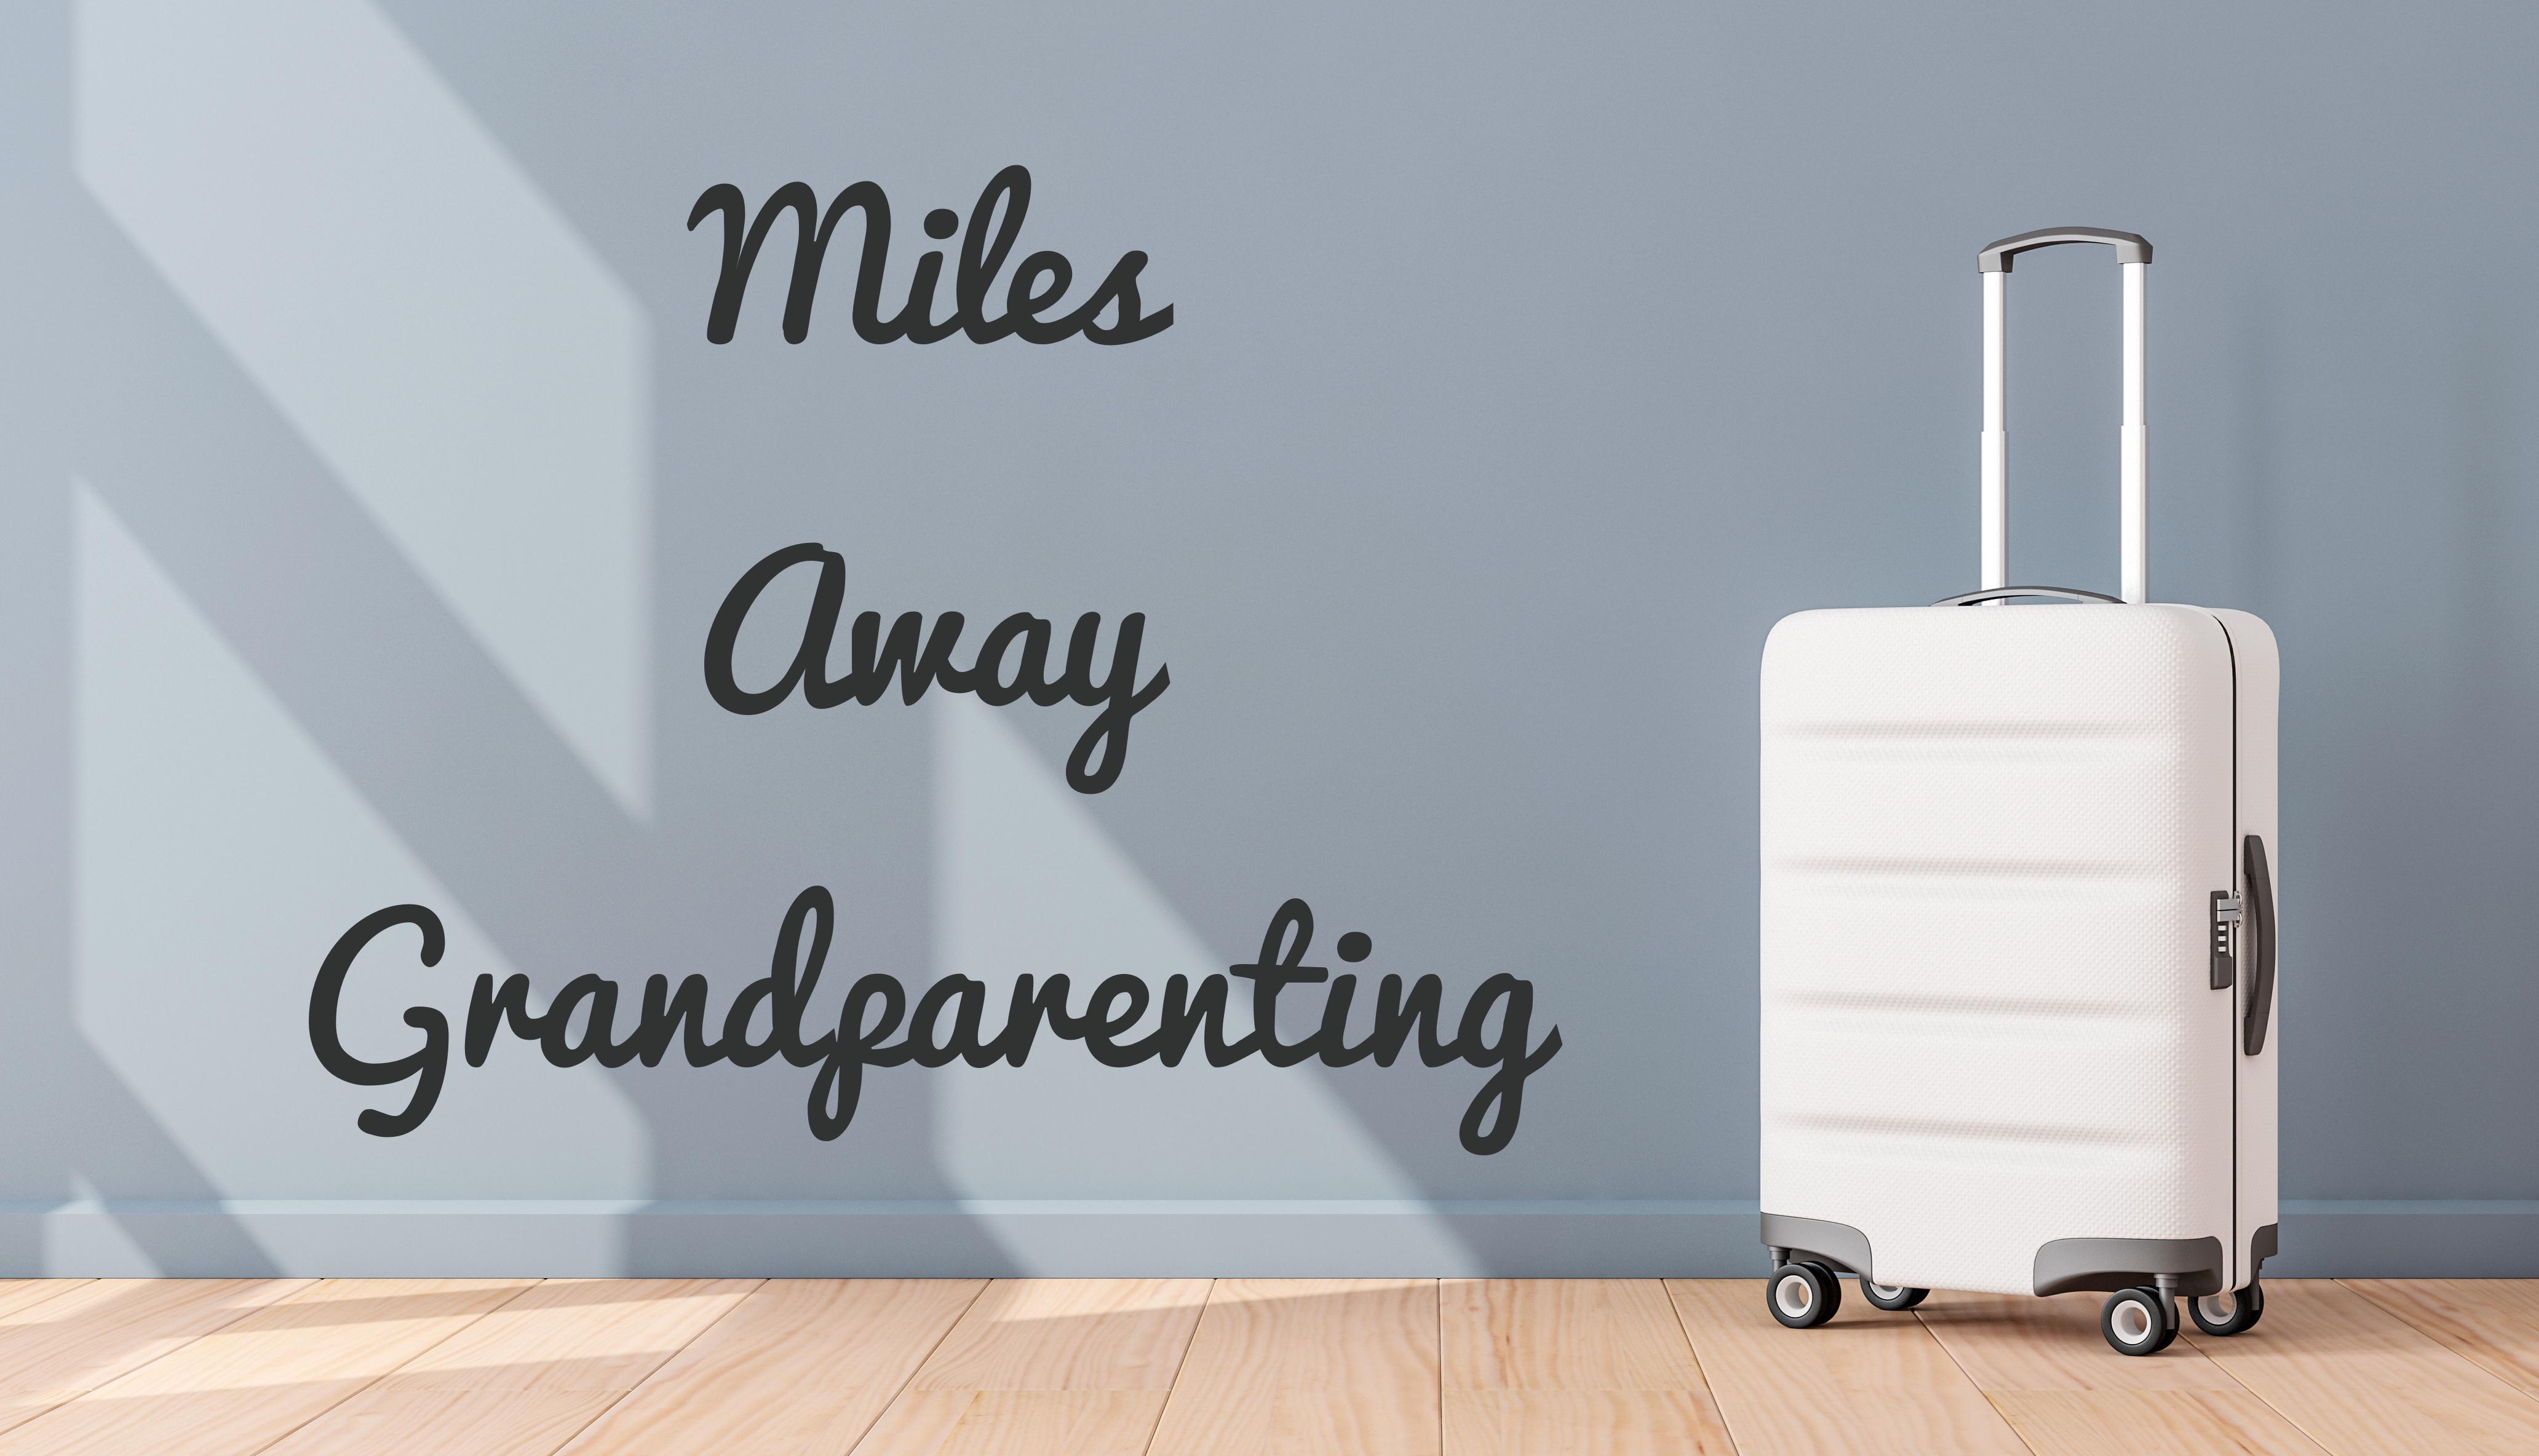 Miles Away Grandparenting